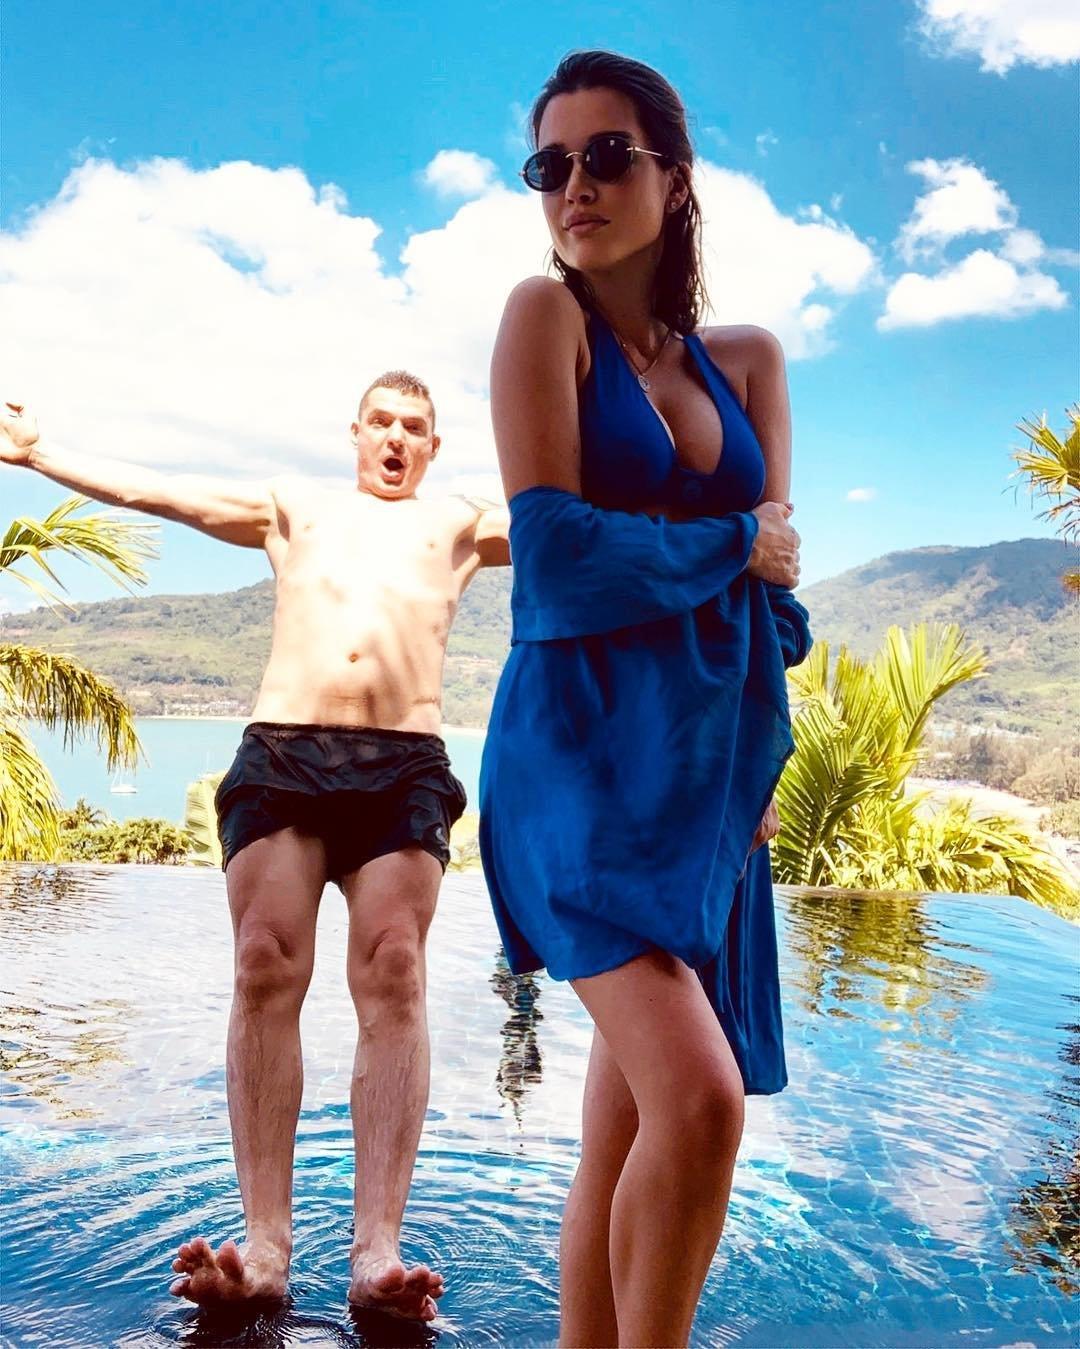 Ксения Бородина восхитила фото огромной груди на отдыхе с мужем Курбаном